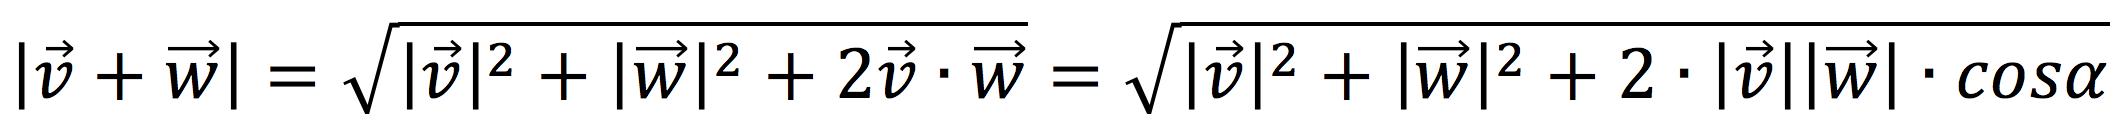 Módulo de la suma de dos vectores